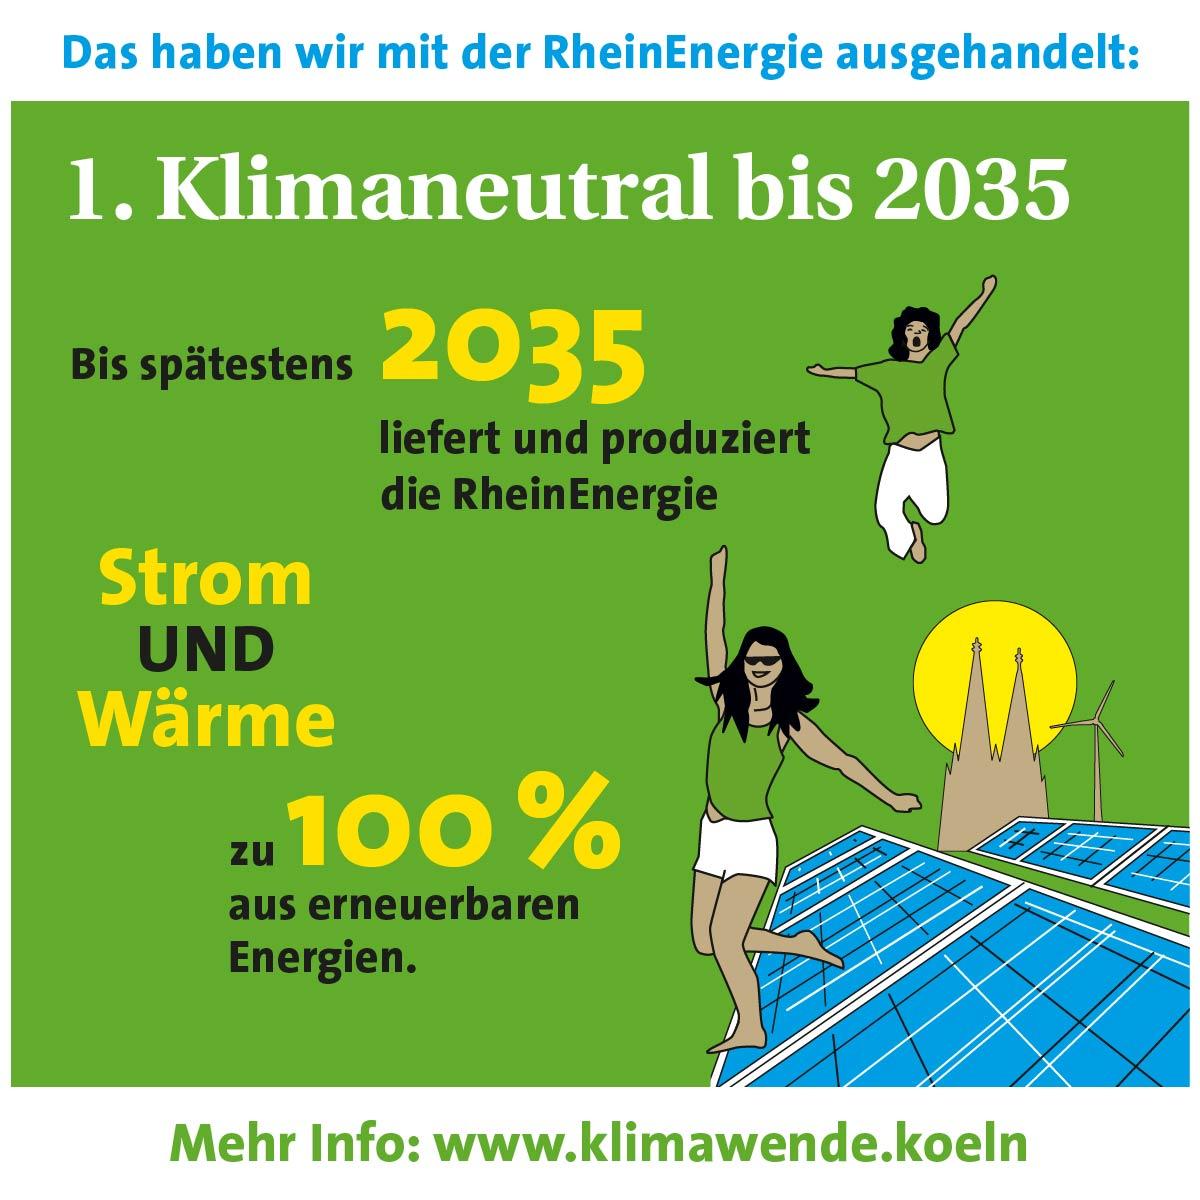 Kernpunkte: 1) Klimaneutralität